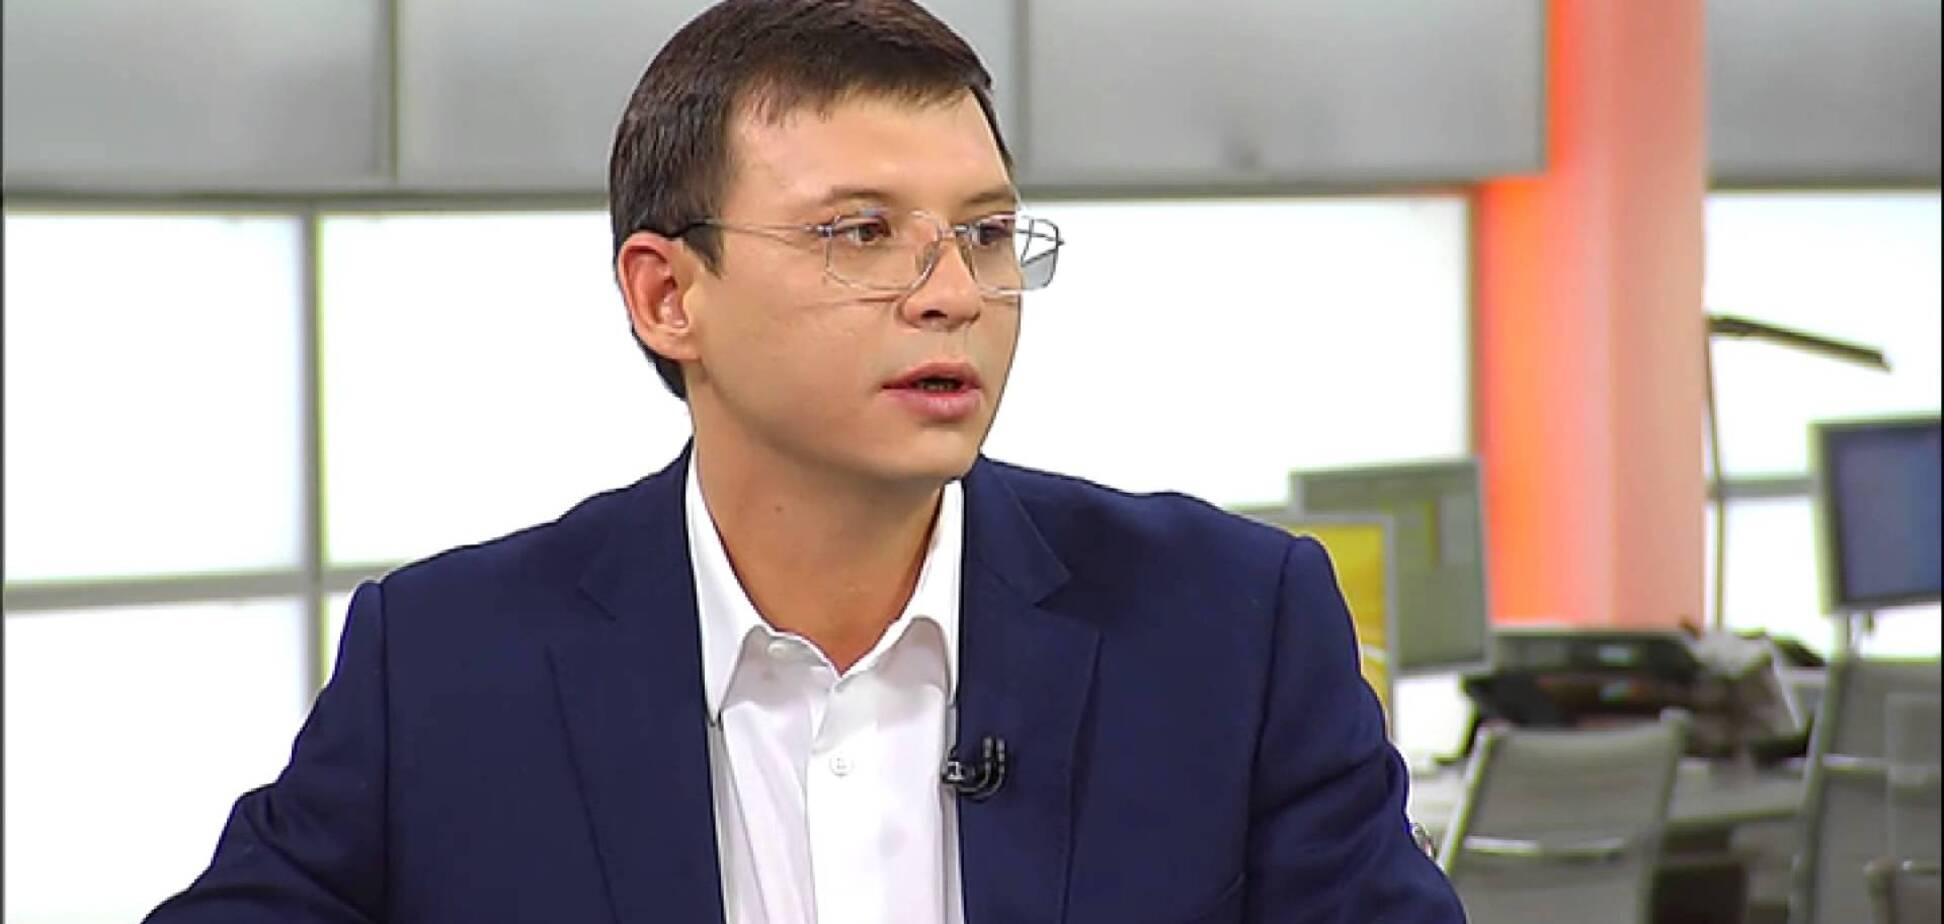 'Им мир не нужен': скандальный нардеп шокировал заявлением о войне в Украине